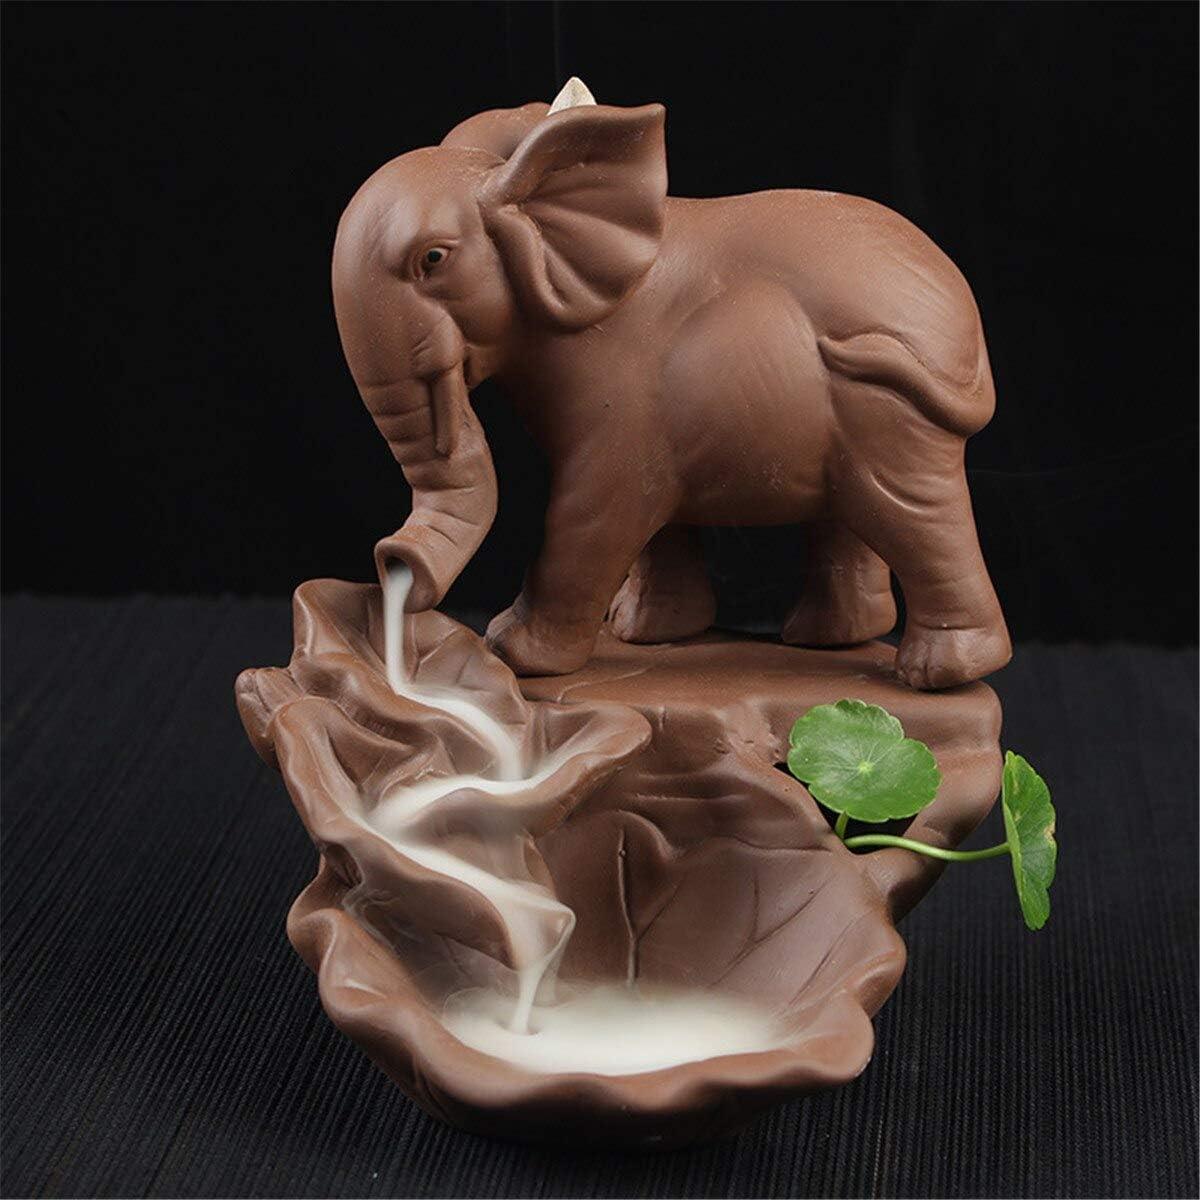 Havota Set Tea - Incense Incense Set Incense Backflow Porcelain Mug Incense Burner Tea Or Candle - Porcelain Ceramic Cone Censer Ganesha Backflow Incense Burner Elephant Holder With 10Pcs Cone